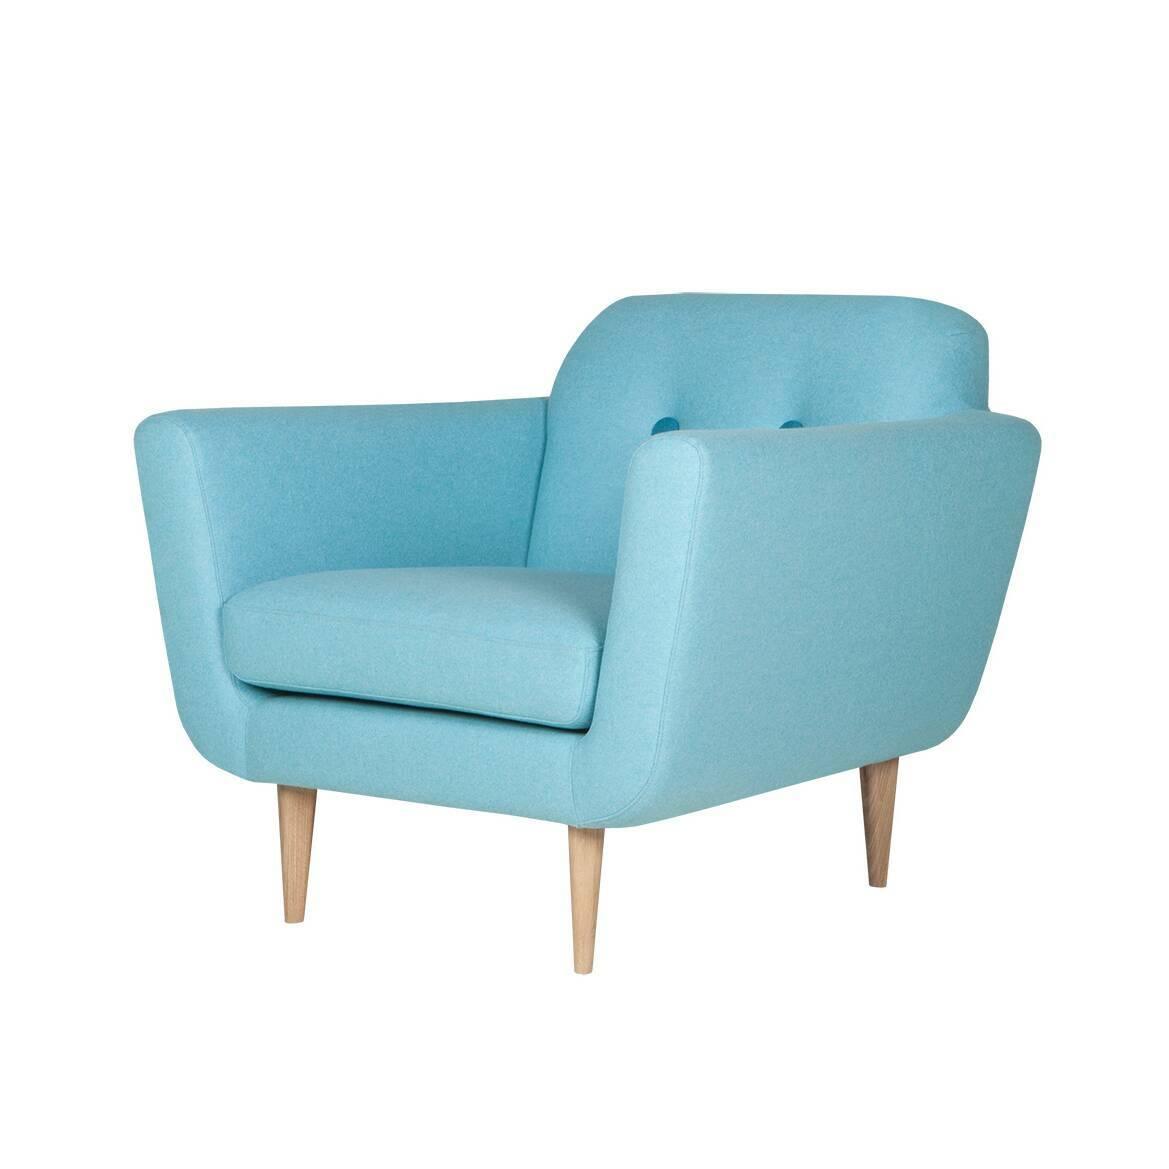 Кресло OttoИнтерьерные<br>Дизайнерское глубокое комфортное светлое кресло Otto (Отто) с тканевой обивкой от Sits (Ситс).<br><br><br> Необычайно удобное и столь же красивое кресло Otto разработано ведущими дизайнерами мебельной компании Sits. Кресло имеет очень удобную форму: приятное мягкое сиденье, слегка откинутая назад спинка, декорированная двумя элегантными пуговицами, и высокие подлокотники, которые создают у сидящего ощущение психологической защищенности и уюта.<br><br><br> Кресло Otto<br>имеет несъемный чехол, что, одна...<br><br>stock: 0<br>Высота: 77<br>Высота сиденья: 43<br>Ширина: 87<br>Глубина: 88<br>Цвет ножек: Беленый дуб<br>Материал обивки: Шерсть, Полиамид<br>Степень комфортности: Стандарт комфорт<br>Материал пуговиц: Шерсть, Полиамид<br>Цвет пуговиц: Бирюзовый<br>Форма подлокотников: Стандарт<br>Коллекция ткани: Категория ткани III<br>Тип материала обивки: Ткань<br>Тип материала ножек: Дерево<br>Цвет обивки: Светло-бирюзовый